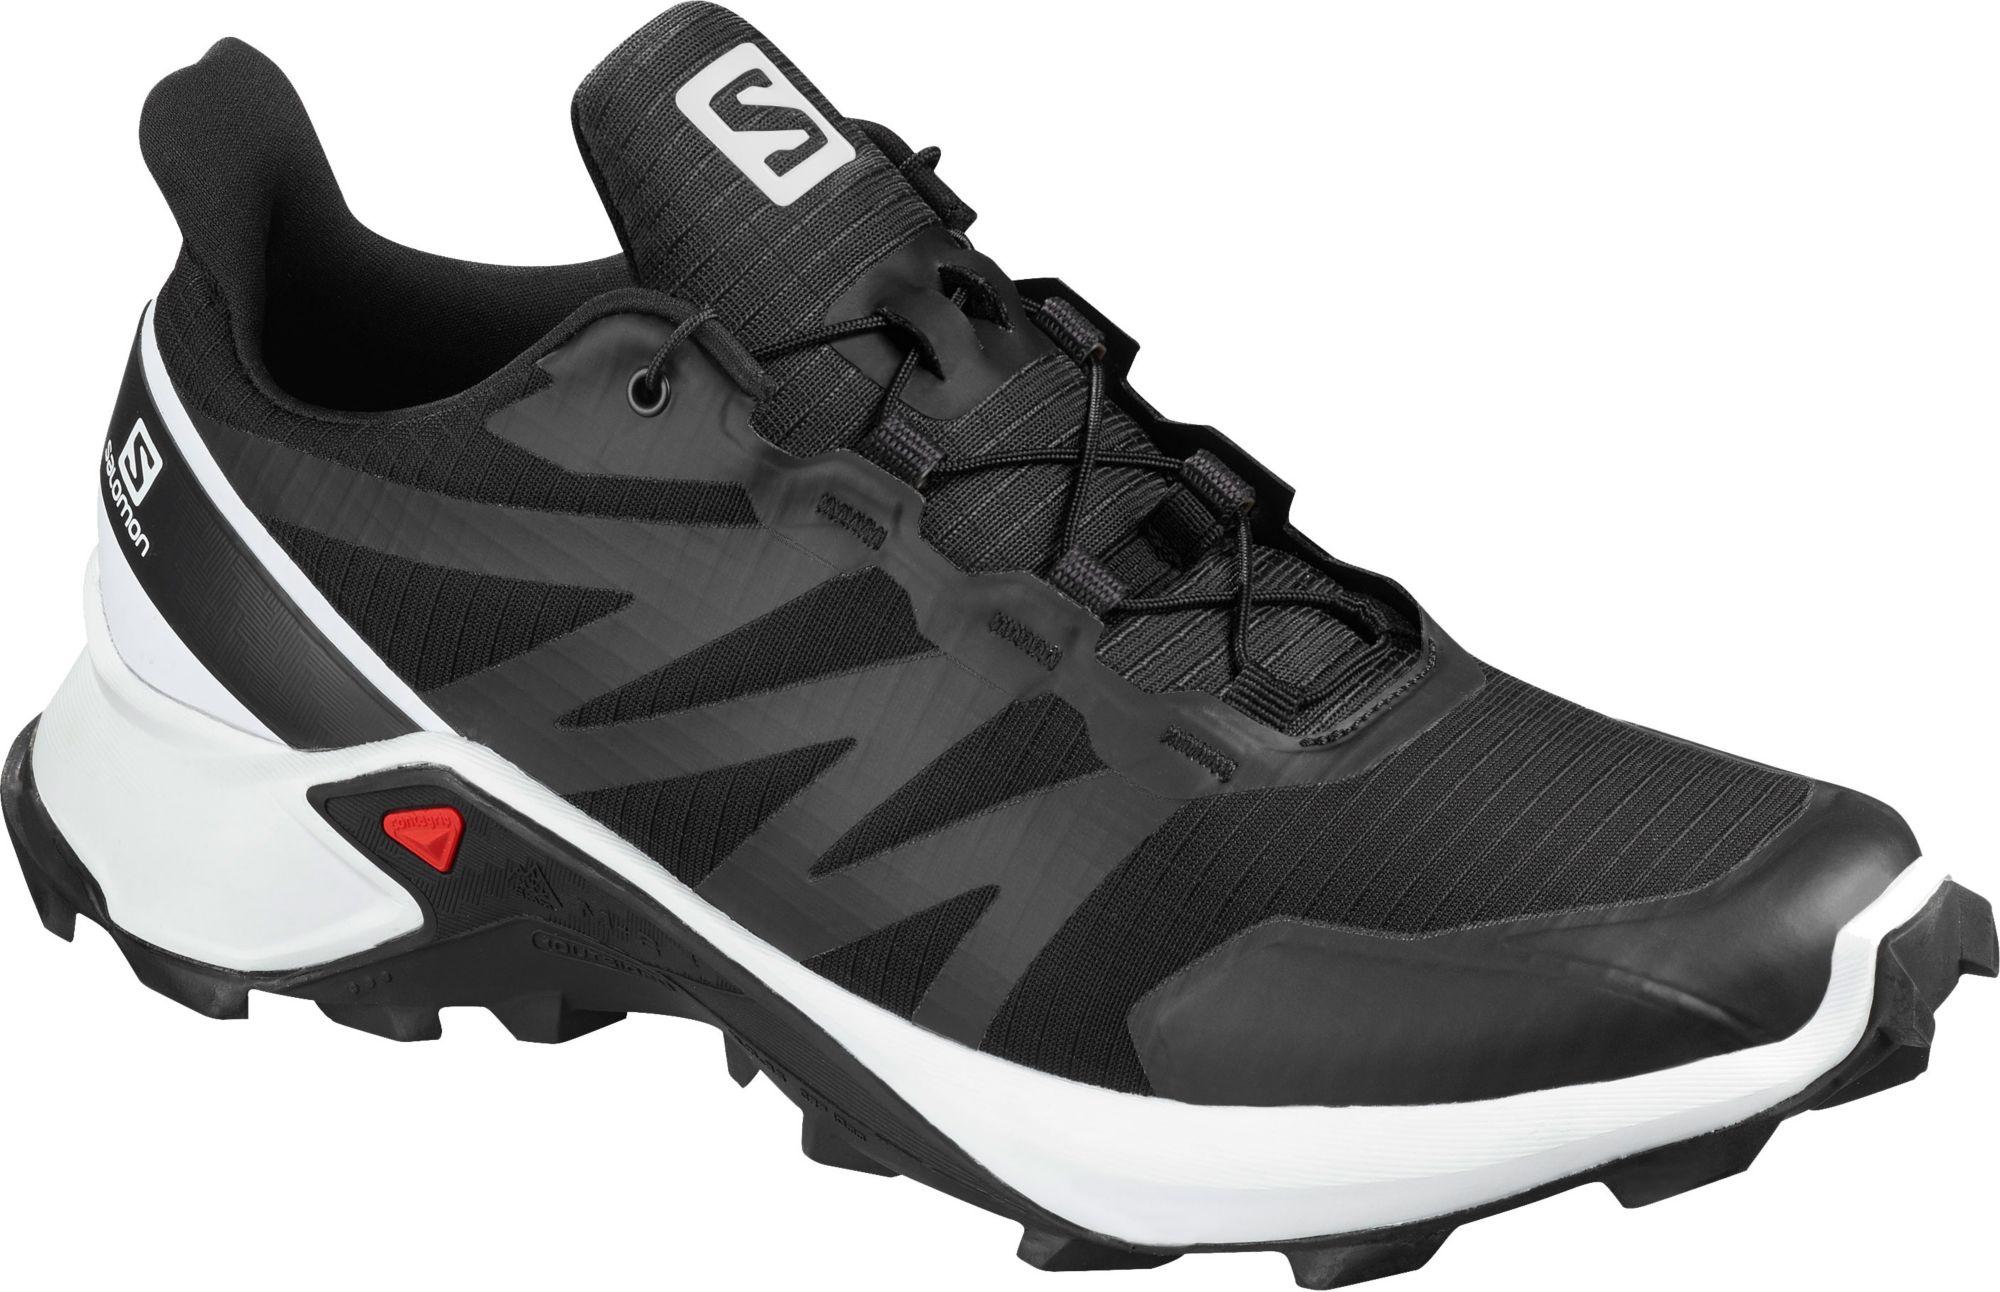 Salomon Men's Supercross Trail Running Shoes in 2019